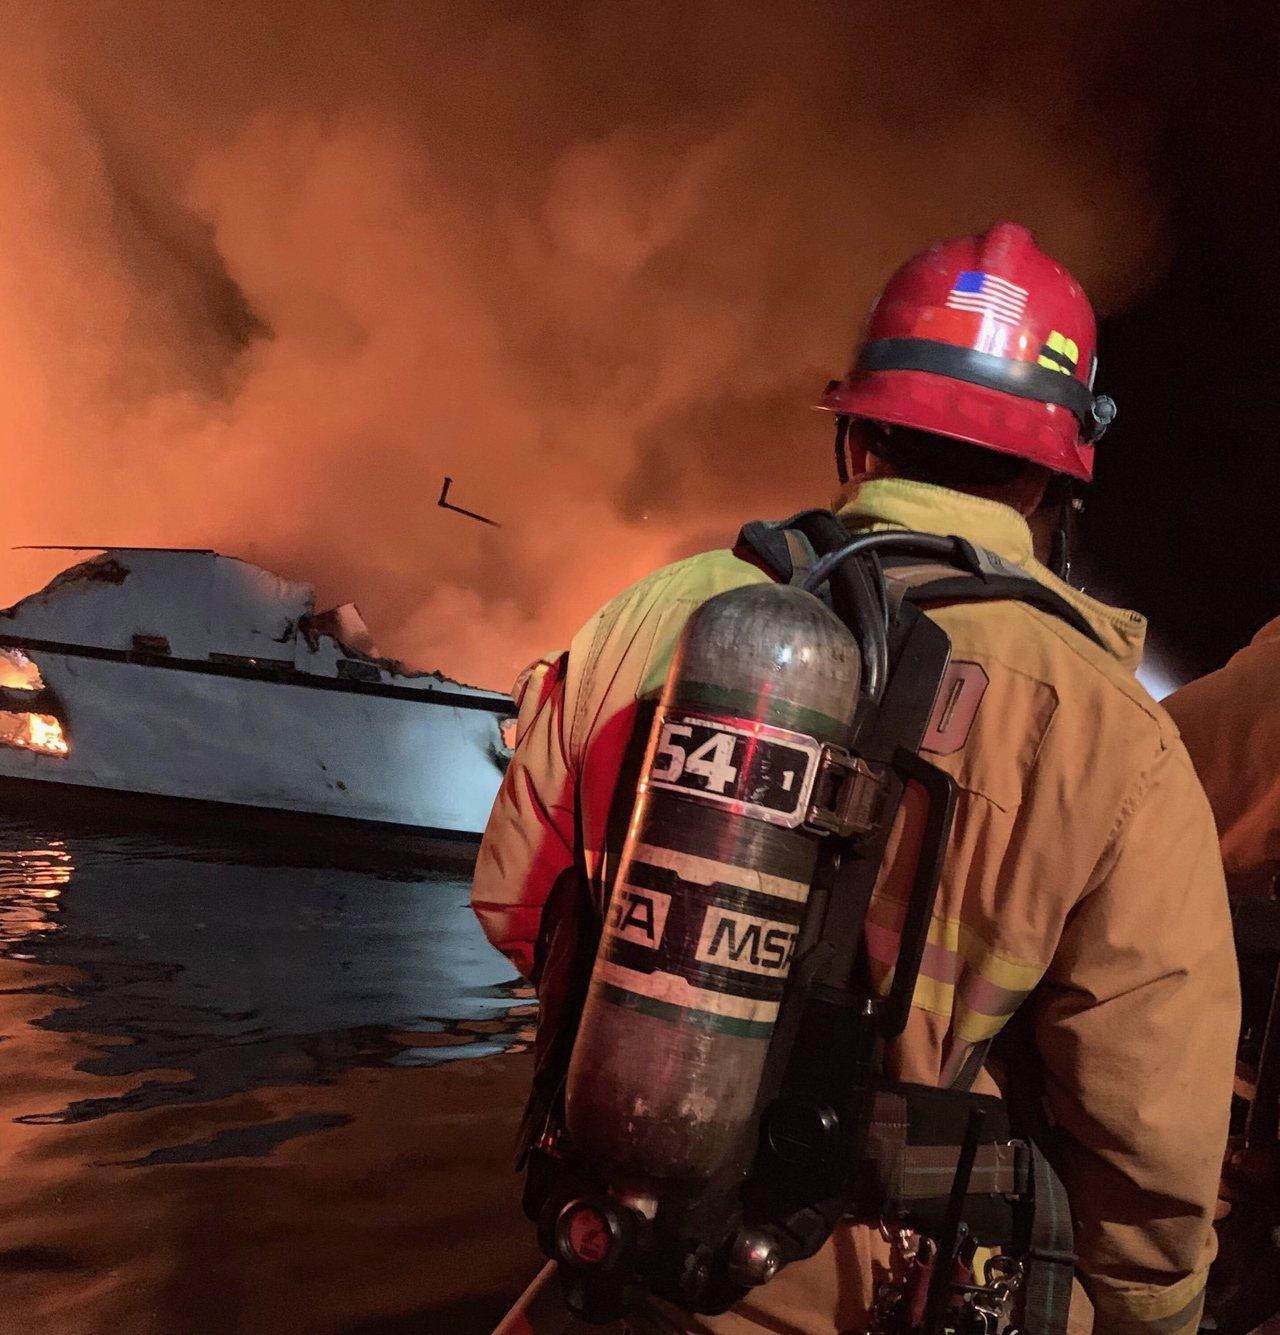 美國加州聖塔芭芭拉郡聖克魯斯島外海潛水船二日清晨突然起火,加州文圖拉郡消防員前往...